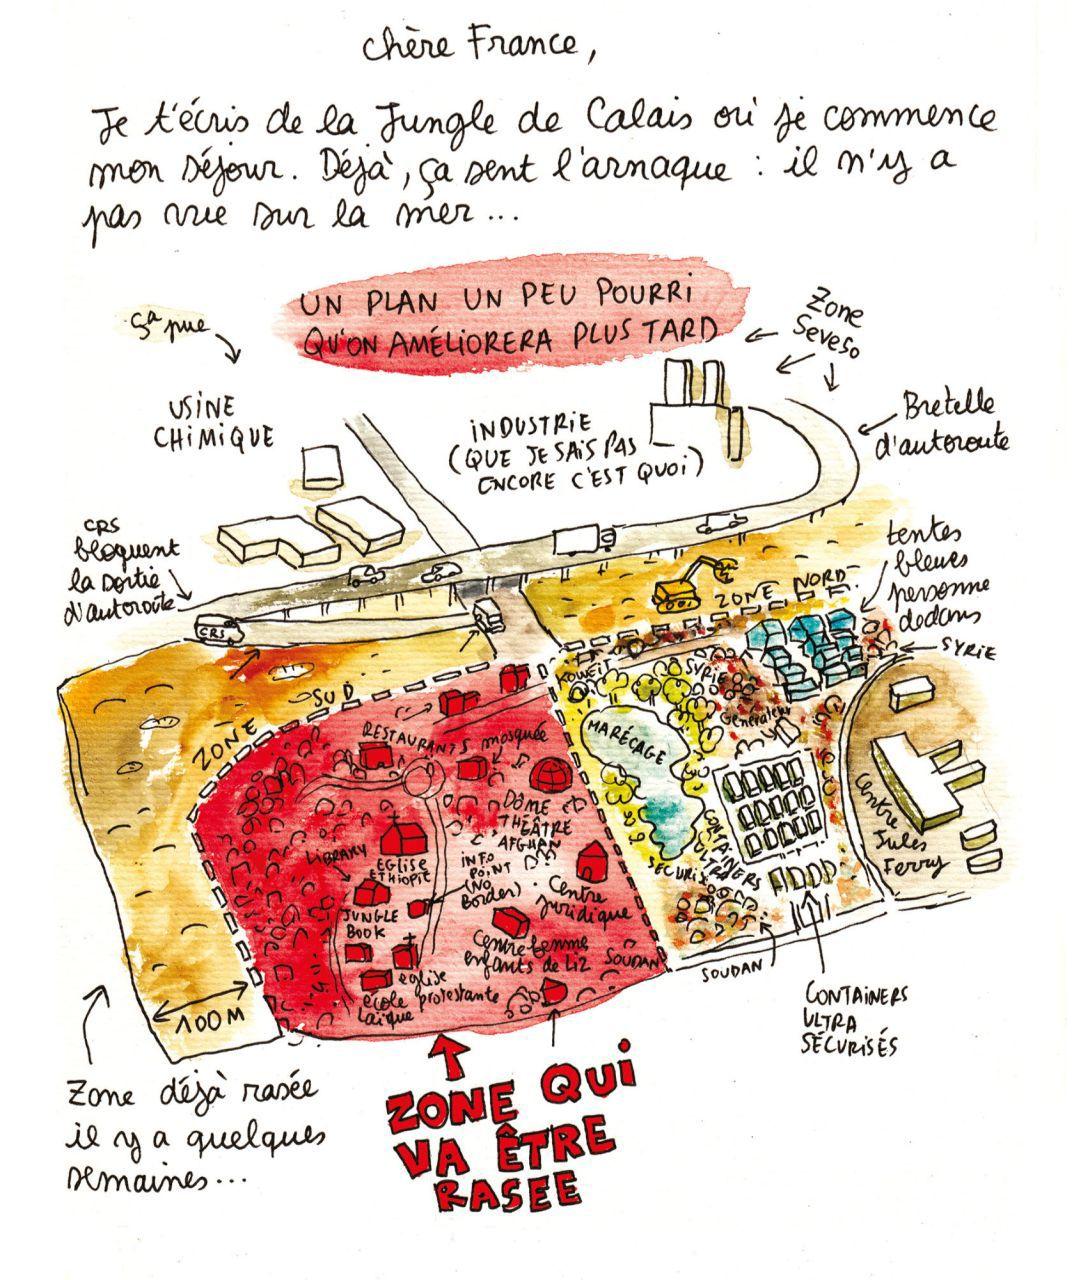 Mit dieser Beschreibung in Wort und Bild beginnt die Chronik der Zeichnerin Lisa Mandel und der Soziologin Yasmine Bouagga – eine Art ethnographisches Tagebuch in Form einer bande dessinée –, in welcher sie mit einer gehörigen Portion Humor über ihren mehrmonatigen Aufenthalt im »Dschungel von Calais« berichten. Die Zeichnung stellt ihren ersten Entwurf der Topographie des Lagers dar.(aus: Lisa Mandel/Yasmine Bouagga, Les Nouvelles de la Jungle de Calais, Brüssel 2017, S. 40; © Editions Casterman S.A./Lisa Mandel und Yasmine Bouagga; mit freundlicher Genehmigung des Verlags – alle Rechte vorbehalten)